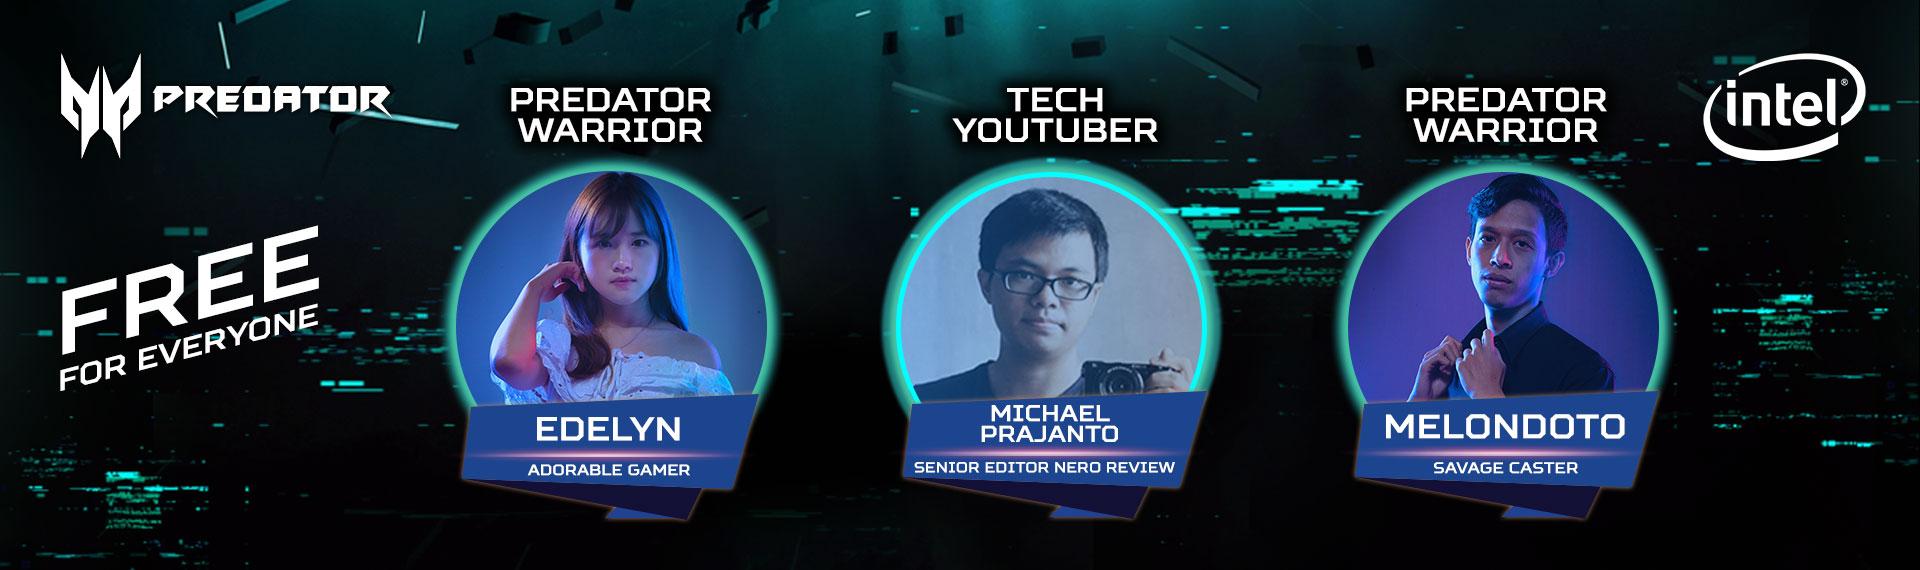 Predator Goes to Campus 2018 Hadir di Malang & Surabaya!